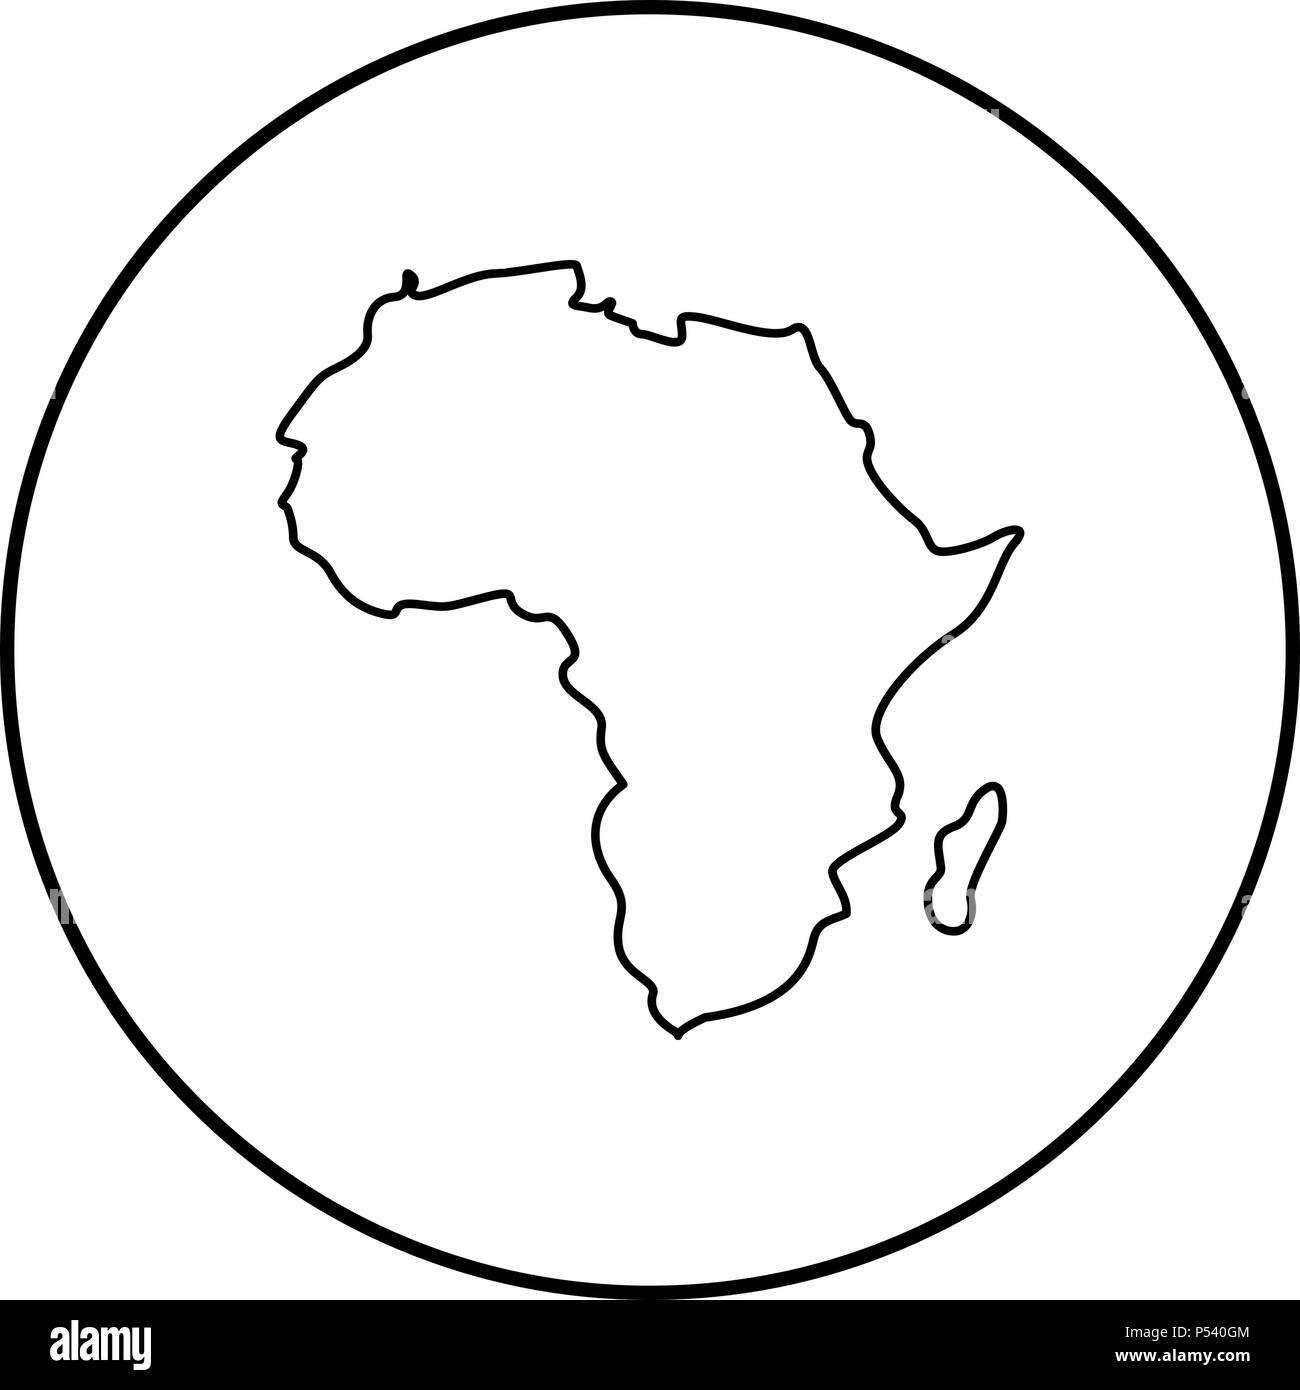 Cartina Dell Africa In Bianco E Nero.Mappa Di Africa Icona Colore Nero Nel Cerchio Profilo Rotondo Immagine E Vettoriale Alamy